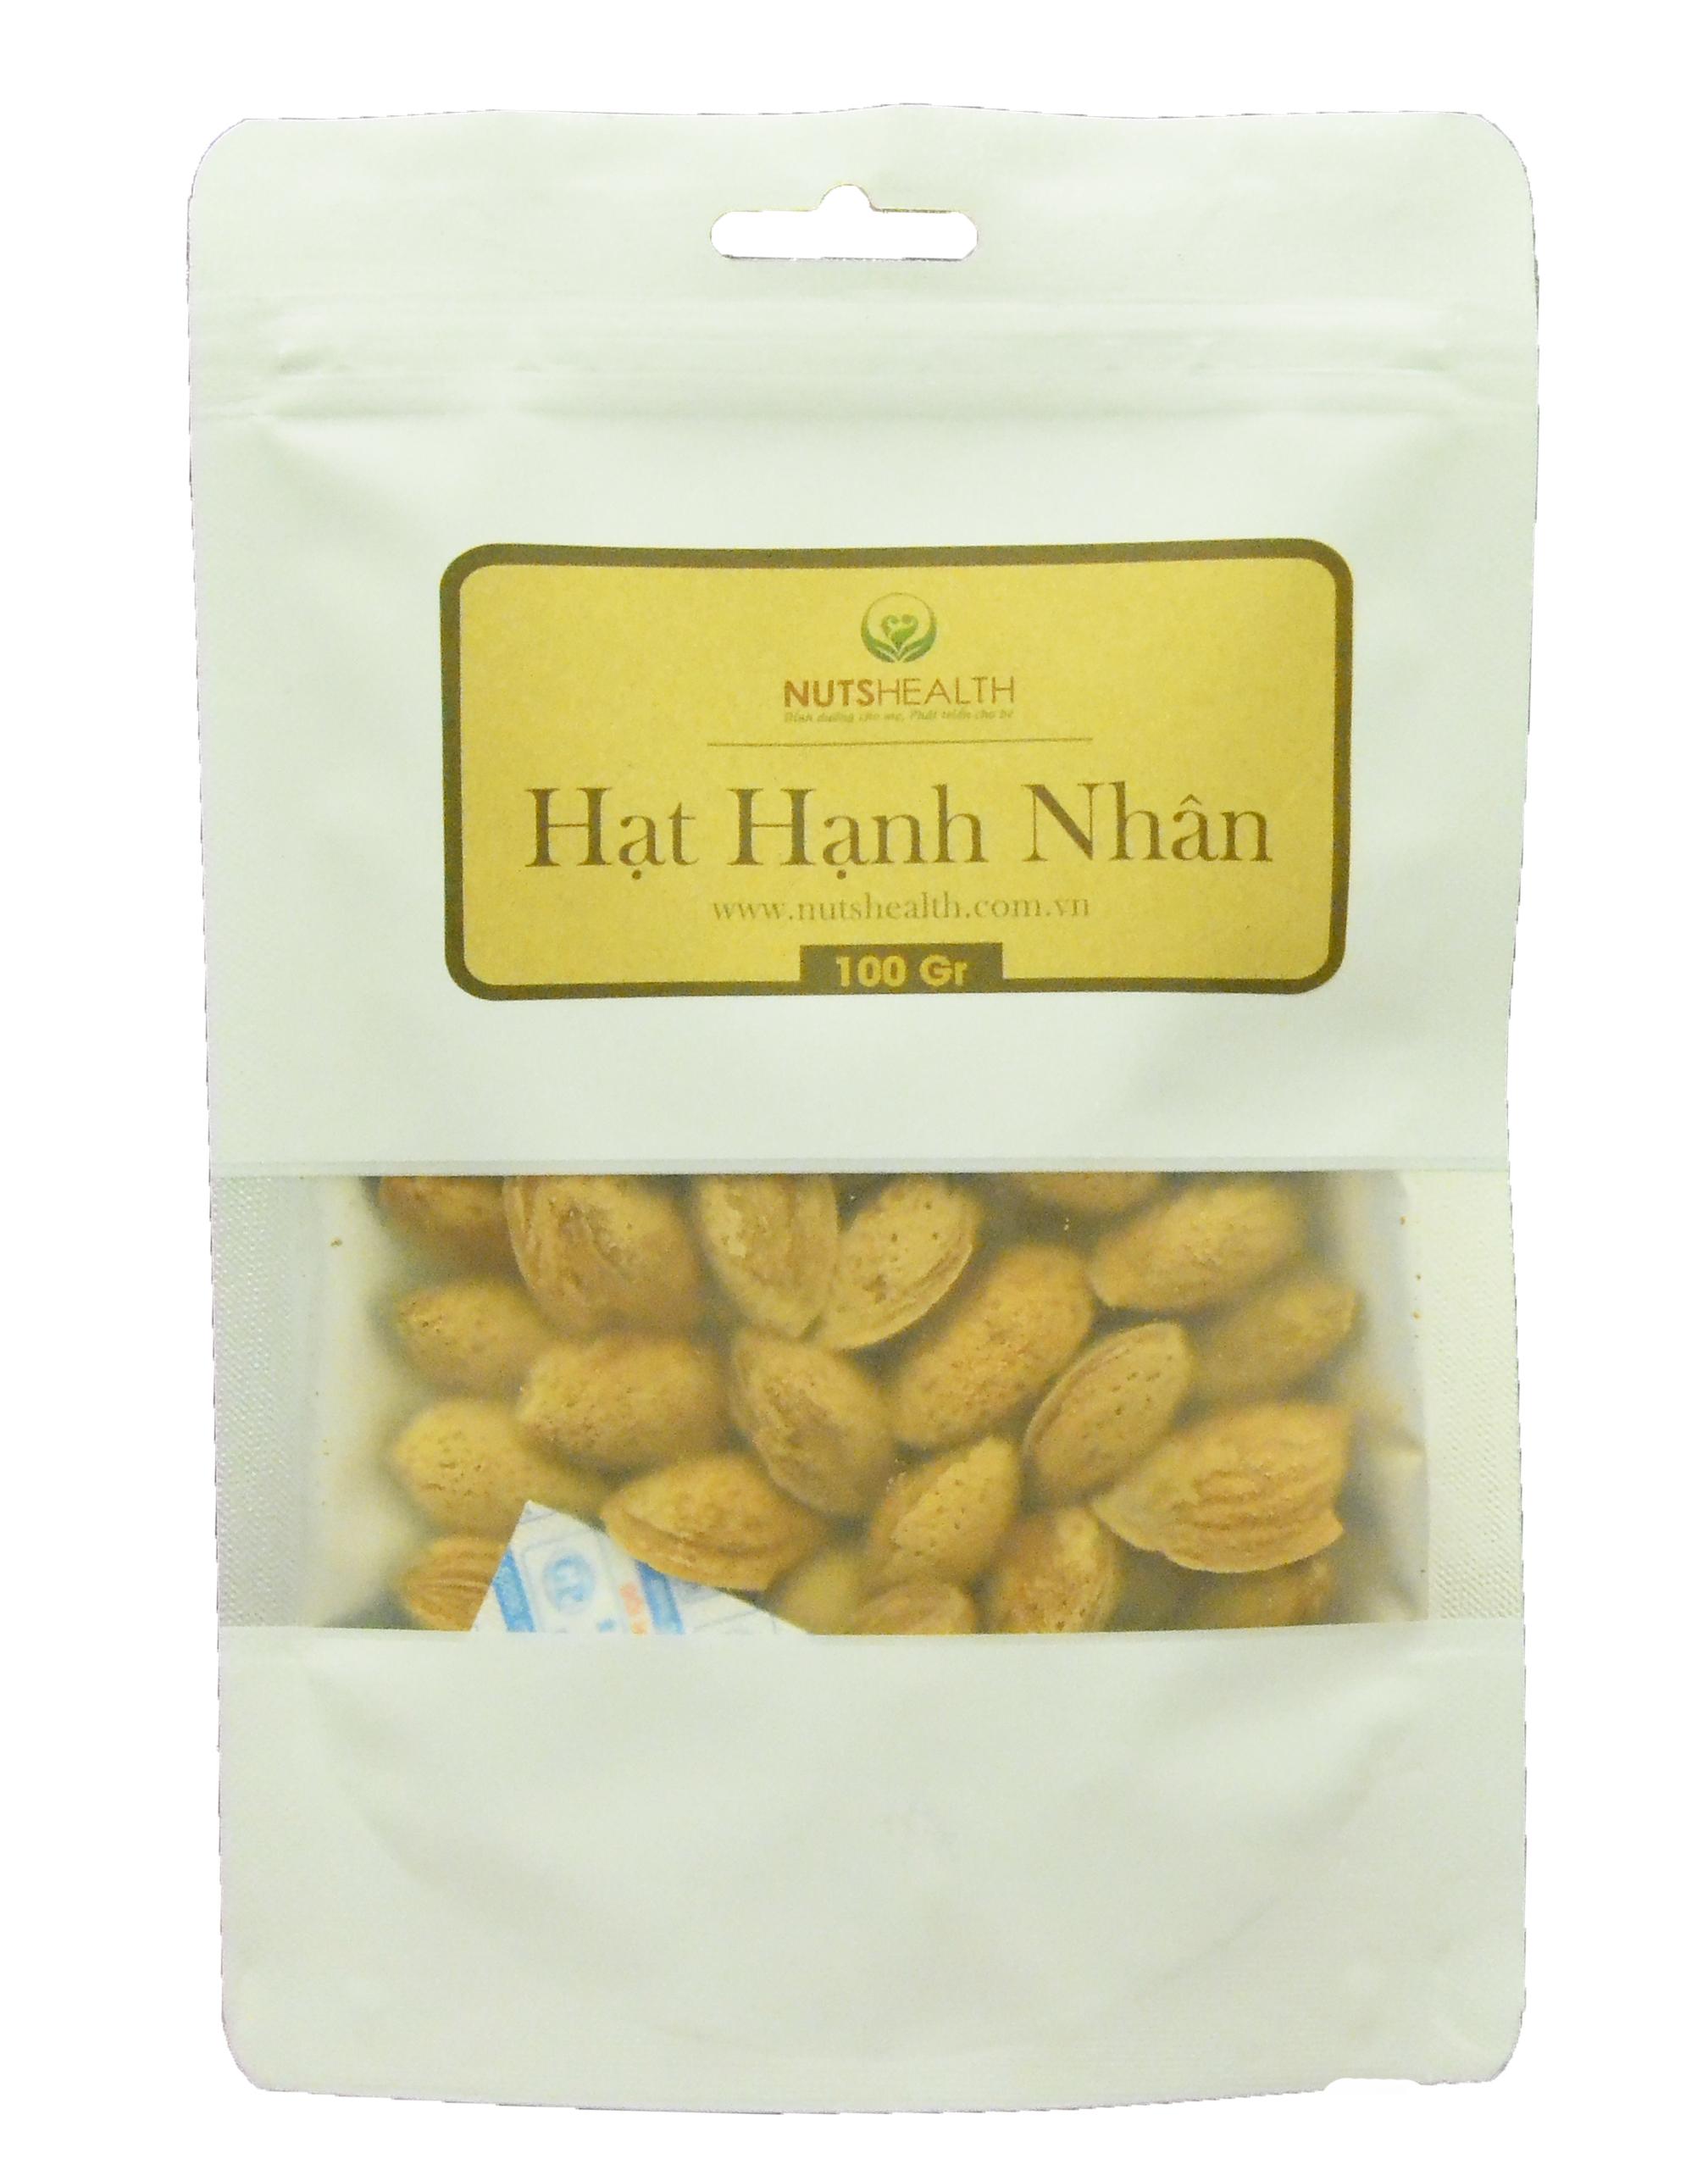 Hạt Hạnh Nhân còn vỏ ( Almond ) -bịch- 100g – Nutshealth